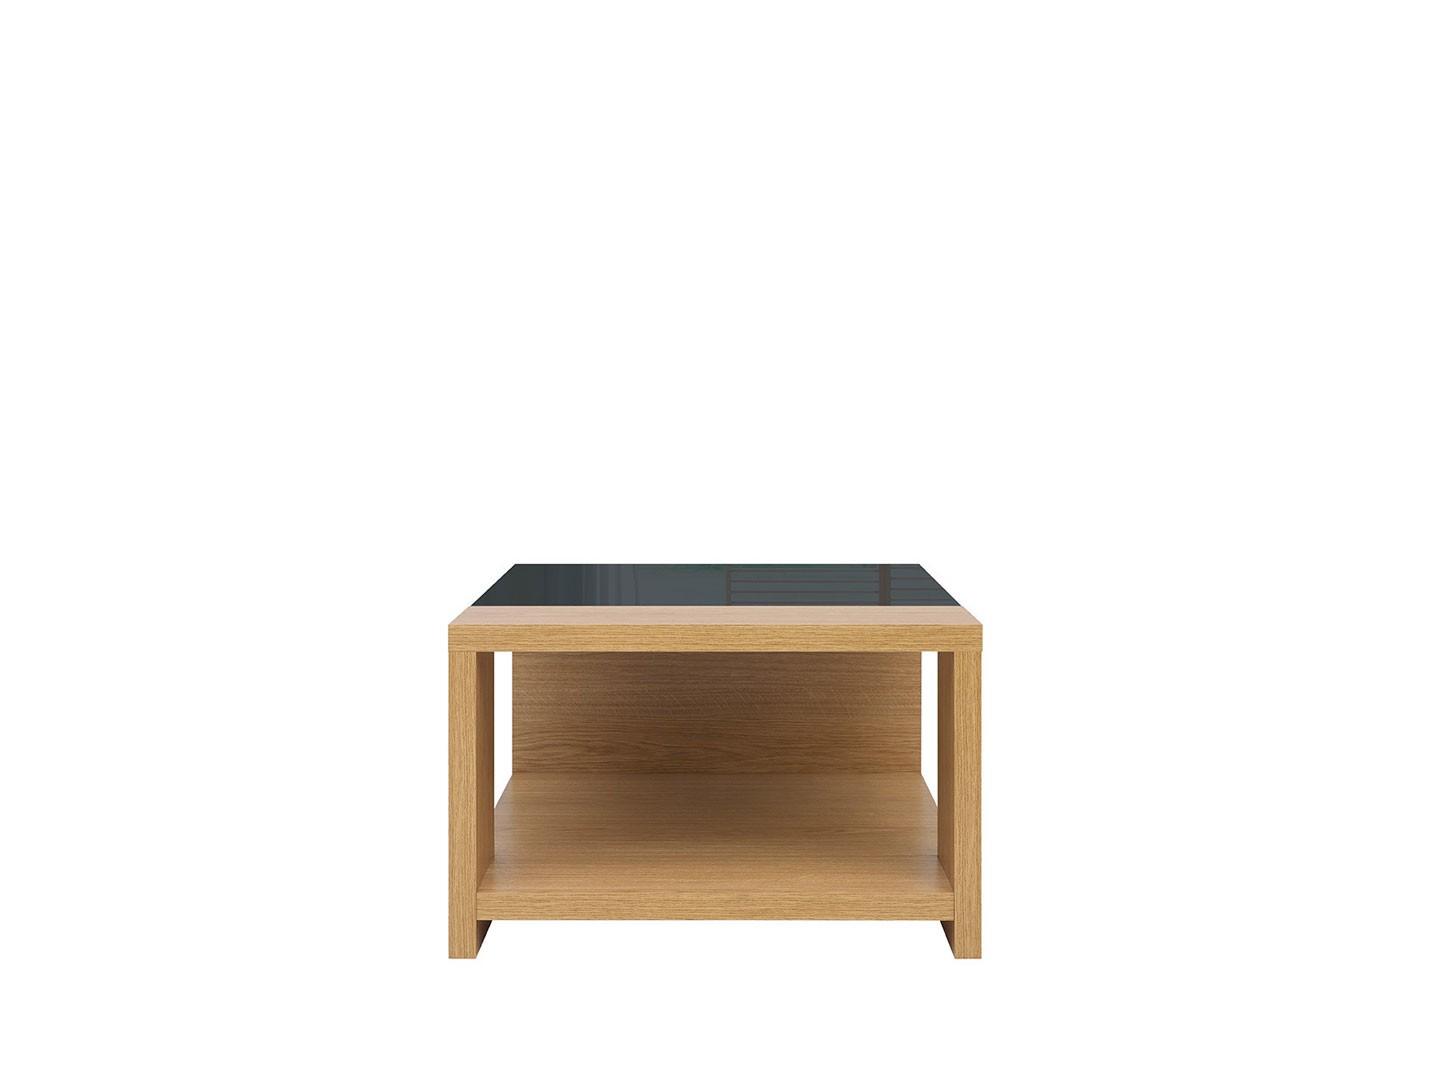 Brw мебель интернет магазин польской мебели Black Red White в